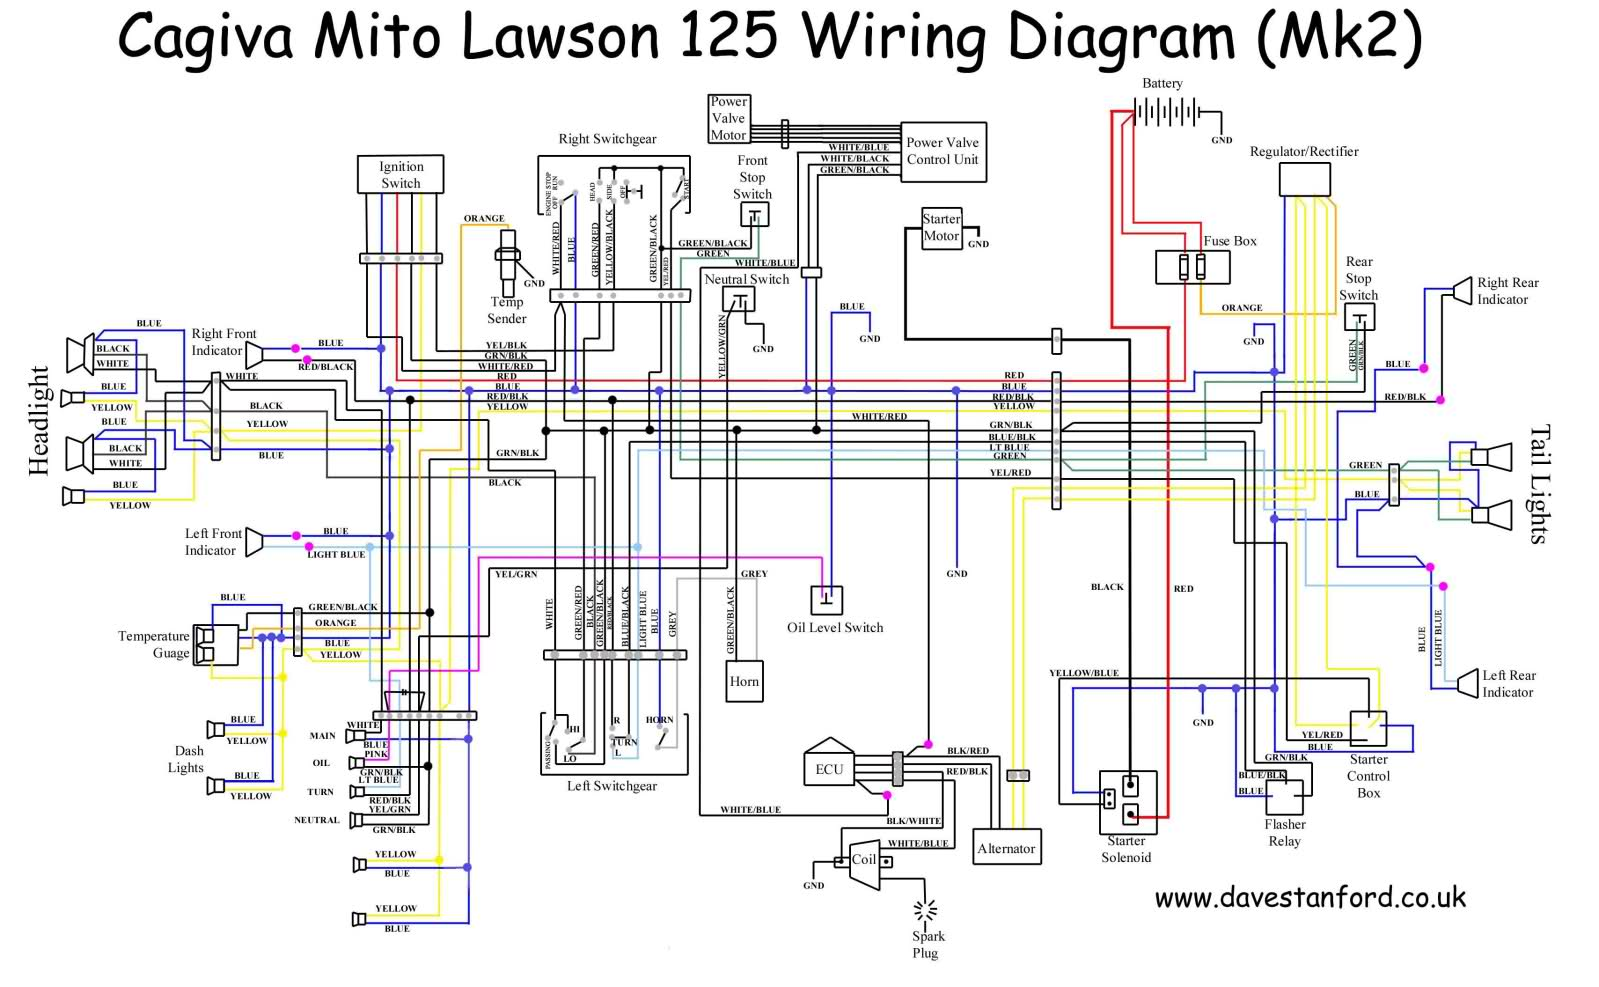 small resolution of cagiva mito 125 cagiva mito 125 wiring diagrams electrics cagiva mito bike show cagiva mito power valve wiring